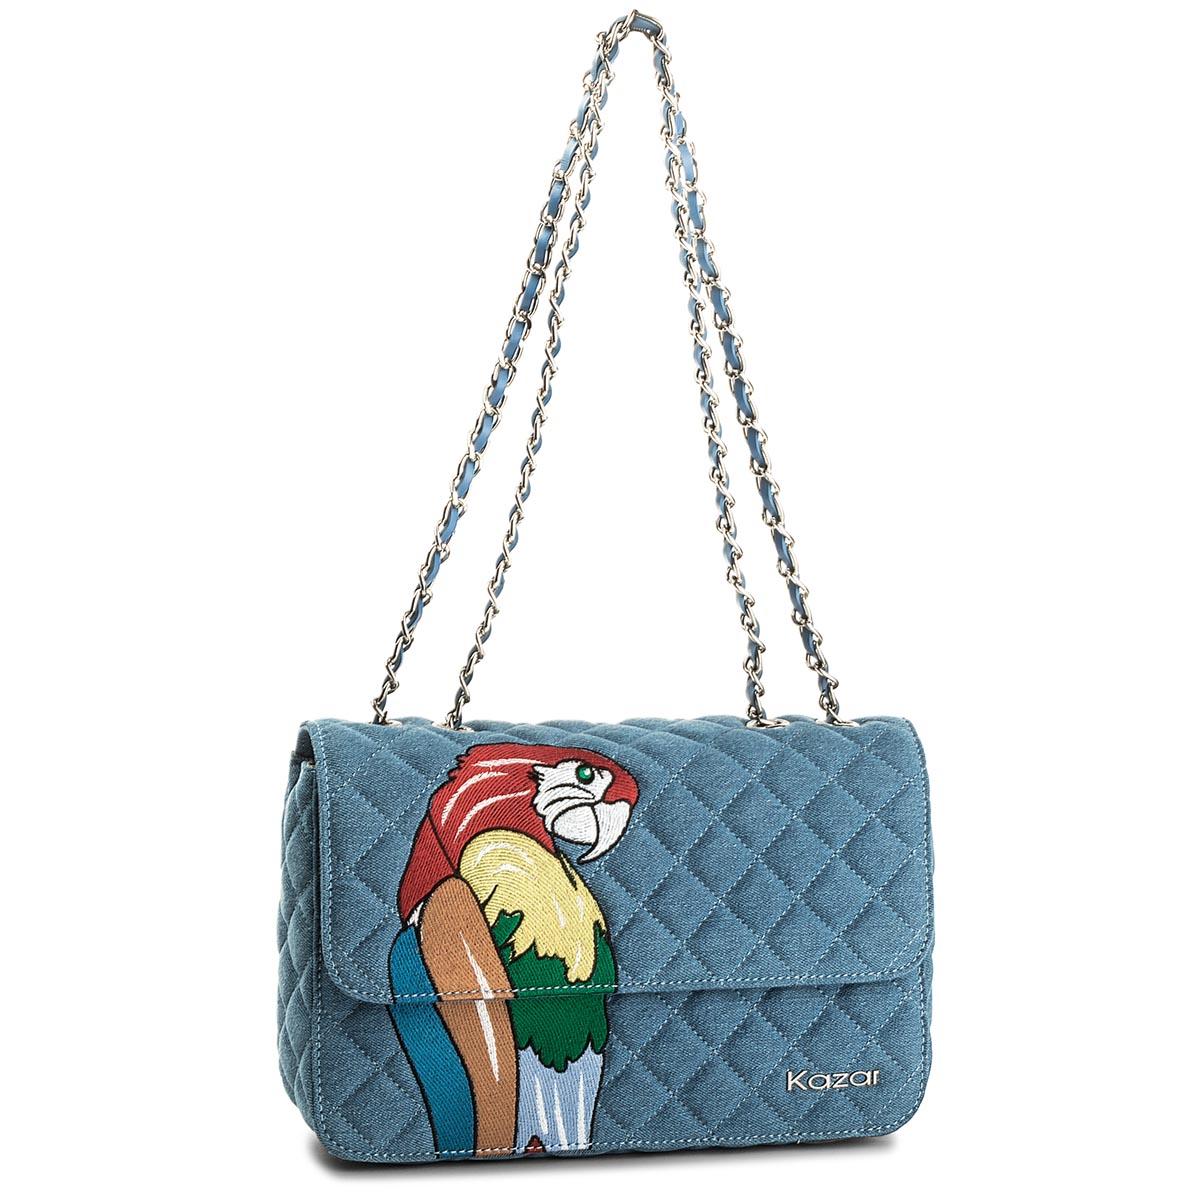 Shophallo Donna Il Personal Hobo Shopping Borsa Blue Tuo Miller gAxIfqR 8226f756429